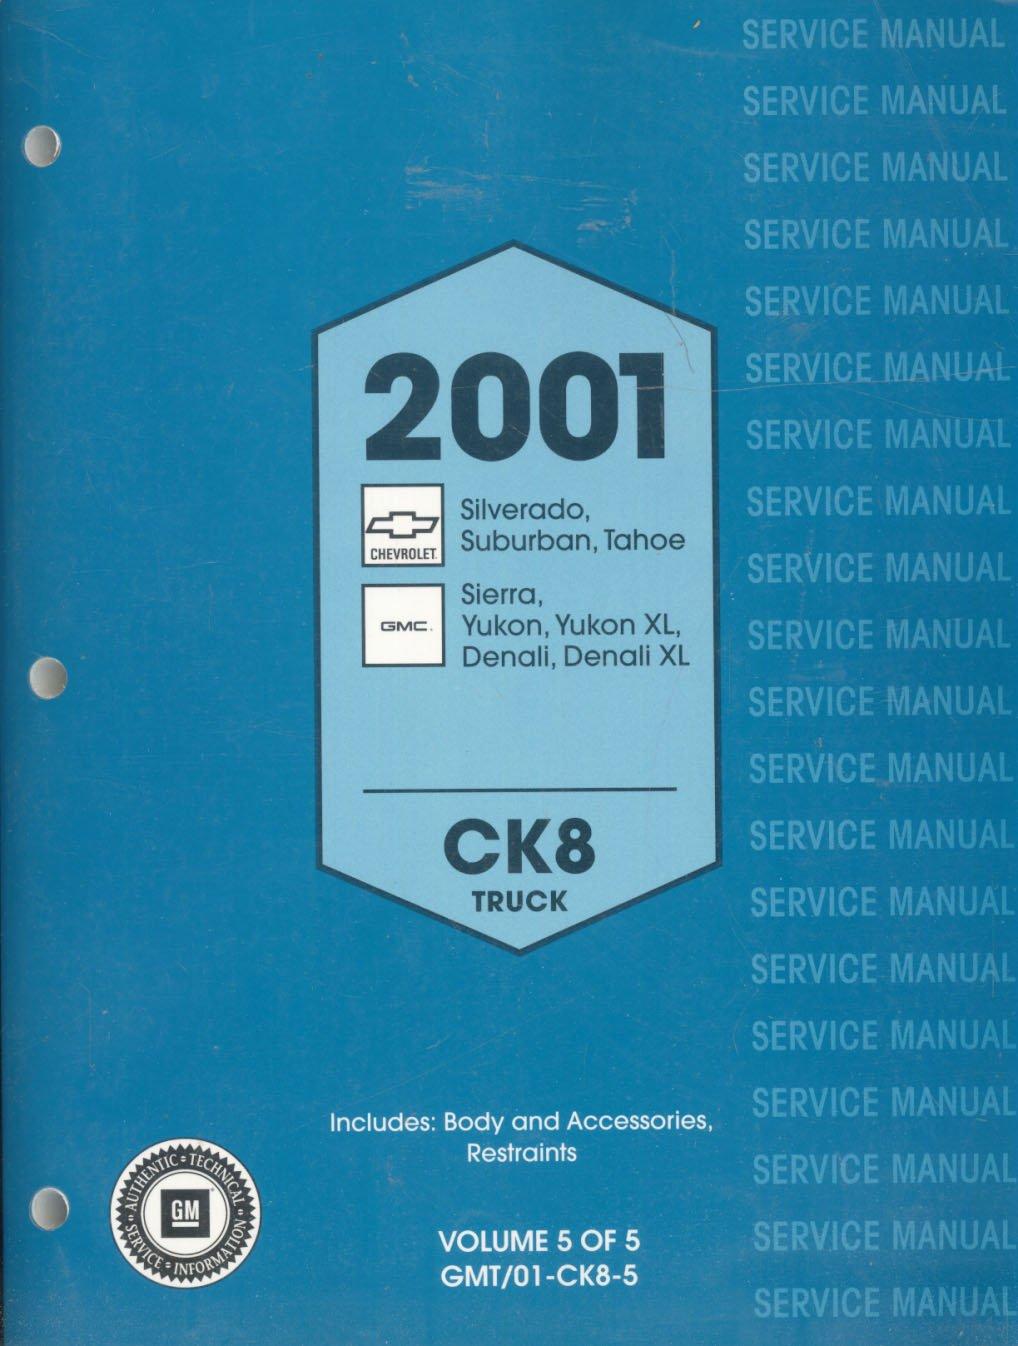 gm 2001 service manual ck8 truck chevrolet silverado tahoe rh amazon com GMC Sierra Manual Sierra Manual Con Operador